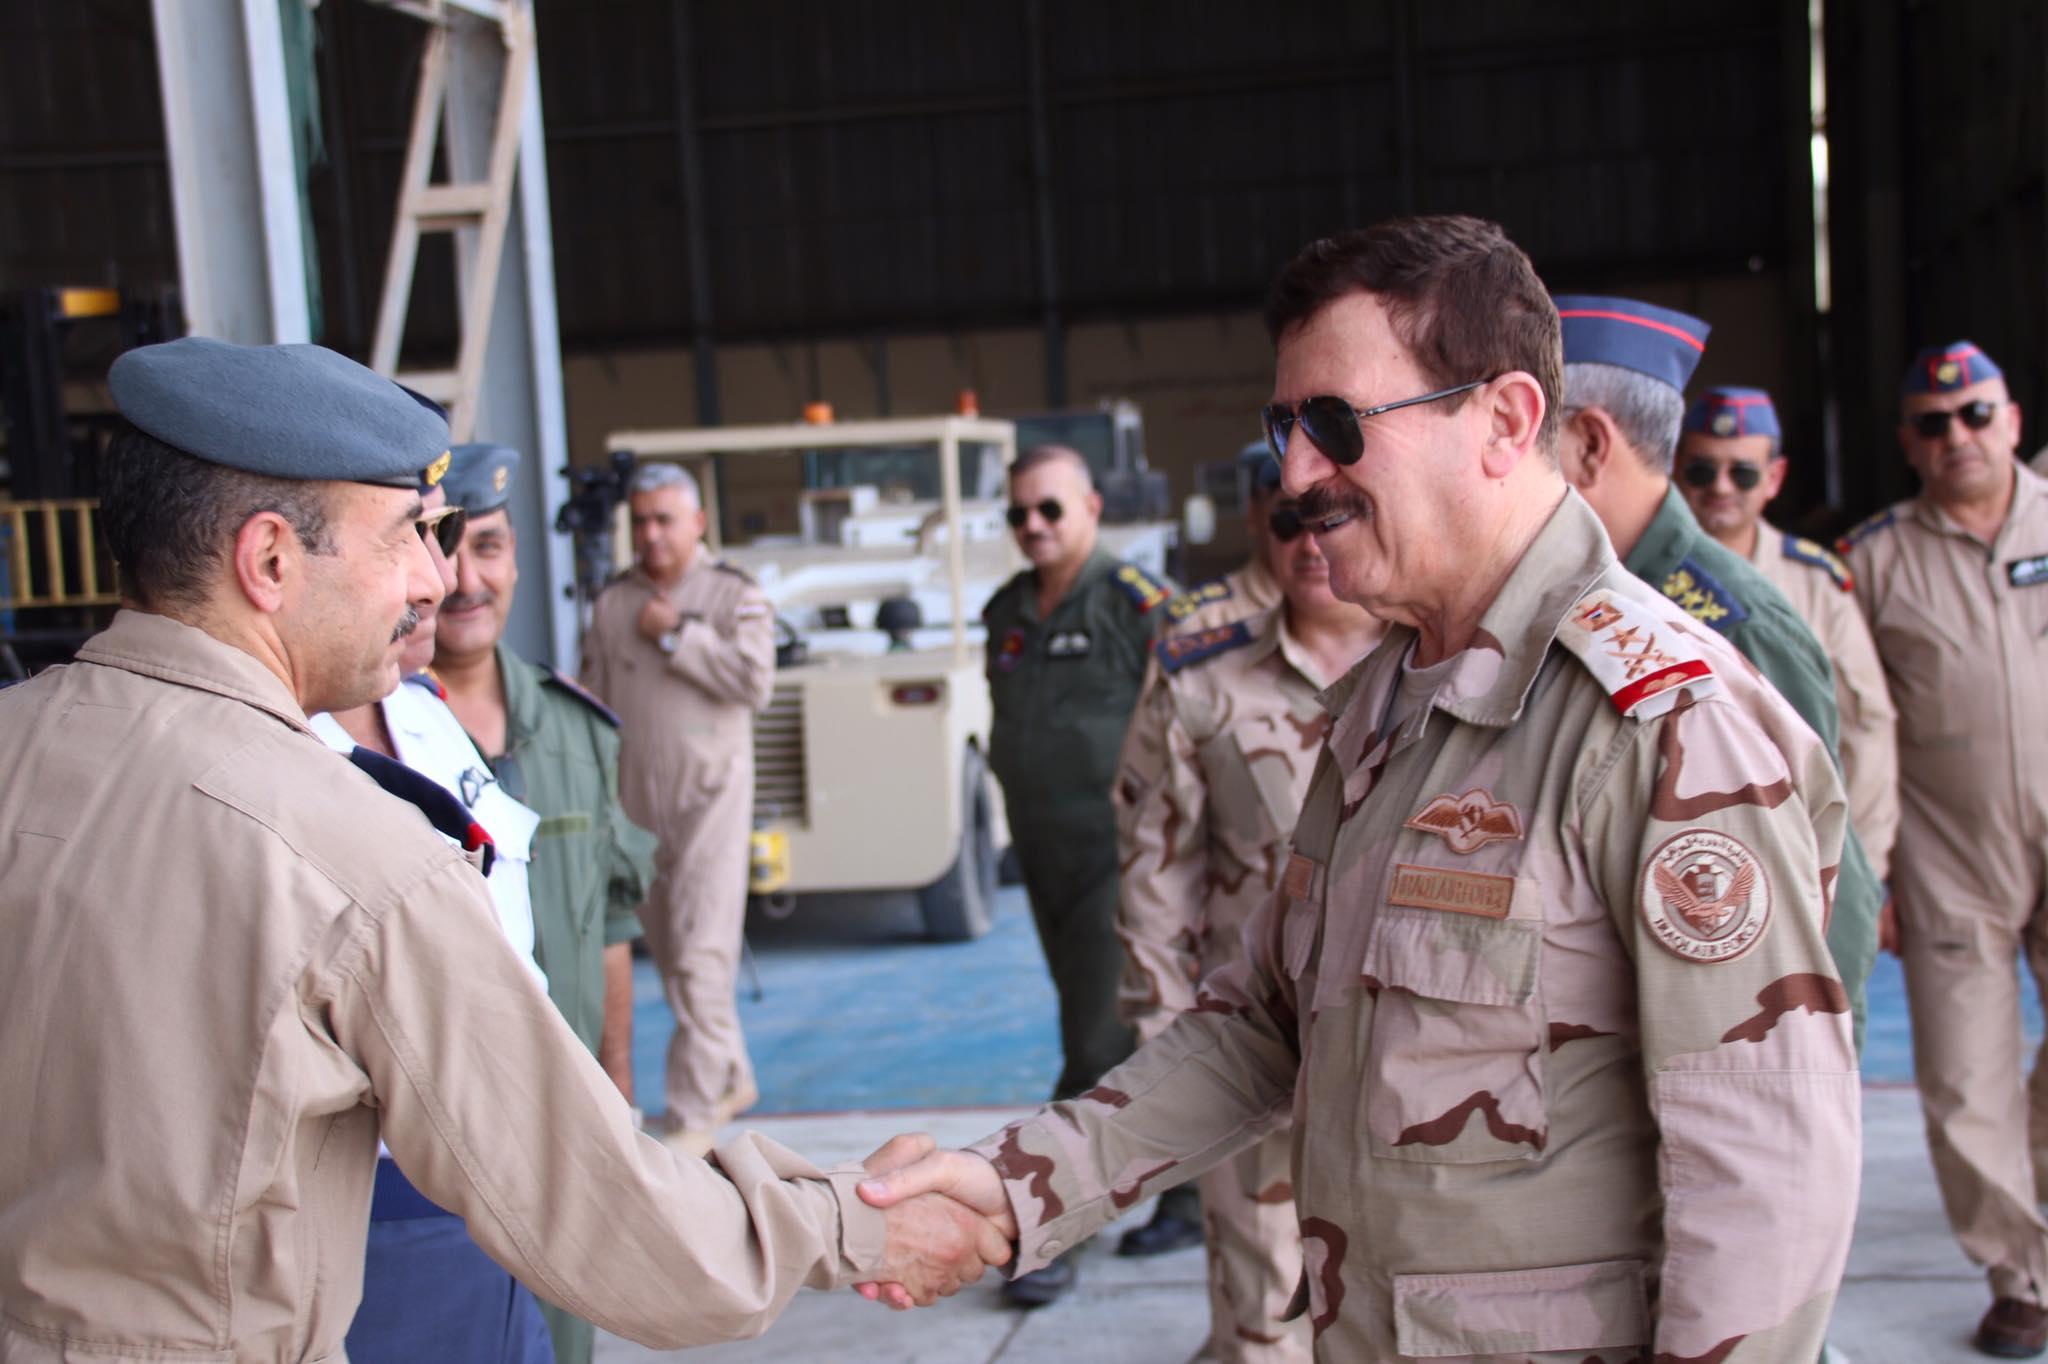 ВВС Ирака получили очередные шесть учебно-боевых самолетов T-50IQ самолетов, Ирака, T50IQ, учебнобоевых, Industries, коллеги, контракт, стоимостью, Aerospace, Korea, иракского, учебнобоевого, первые, самолет, состава, шесть, контракта, получили, Санчхоне, поставки